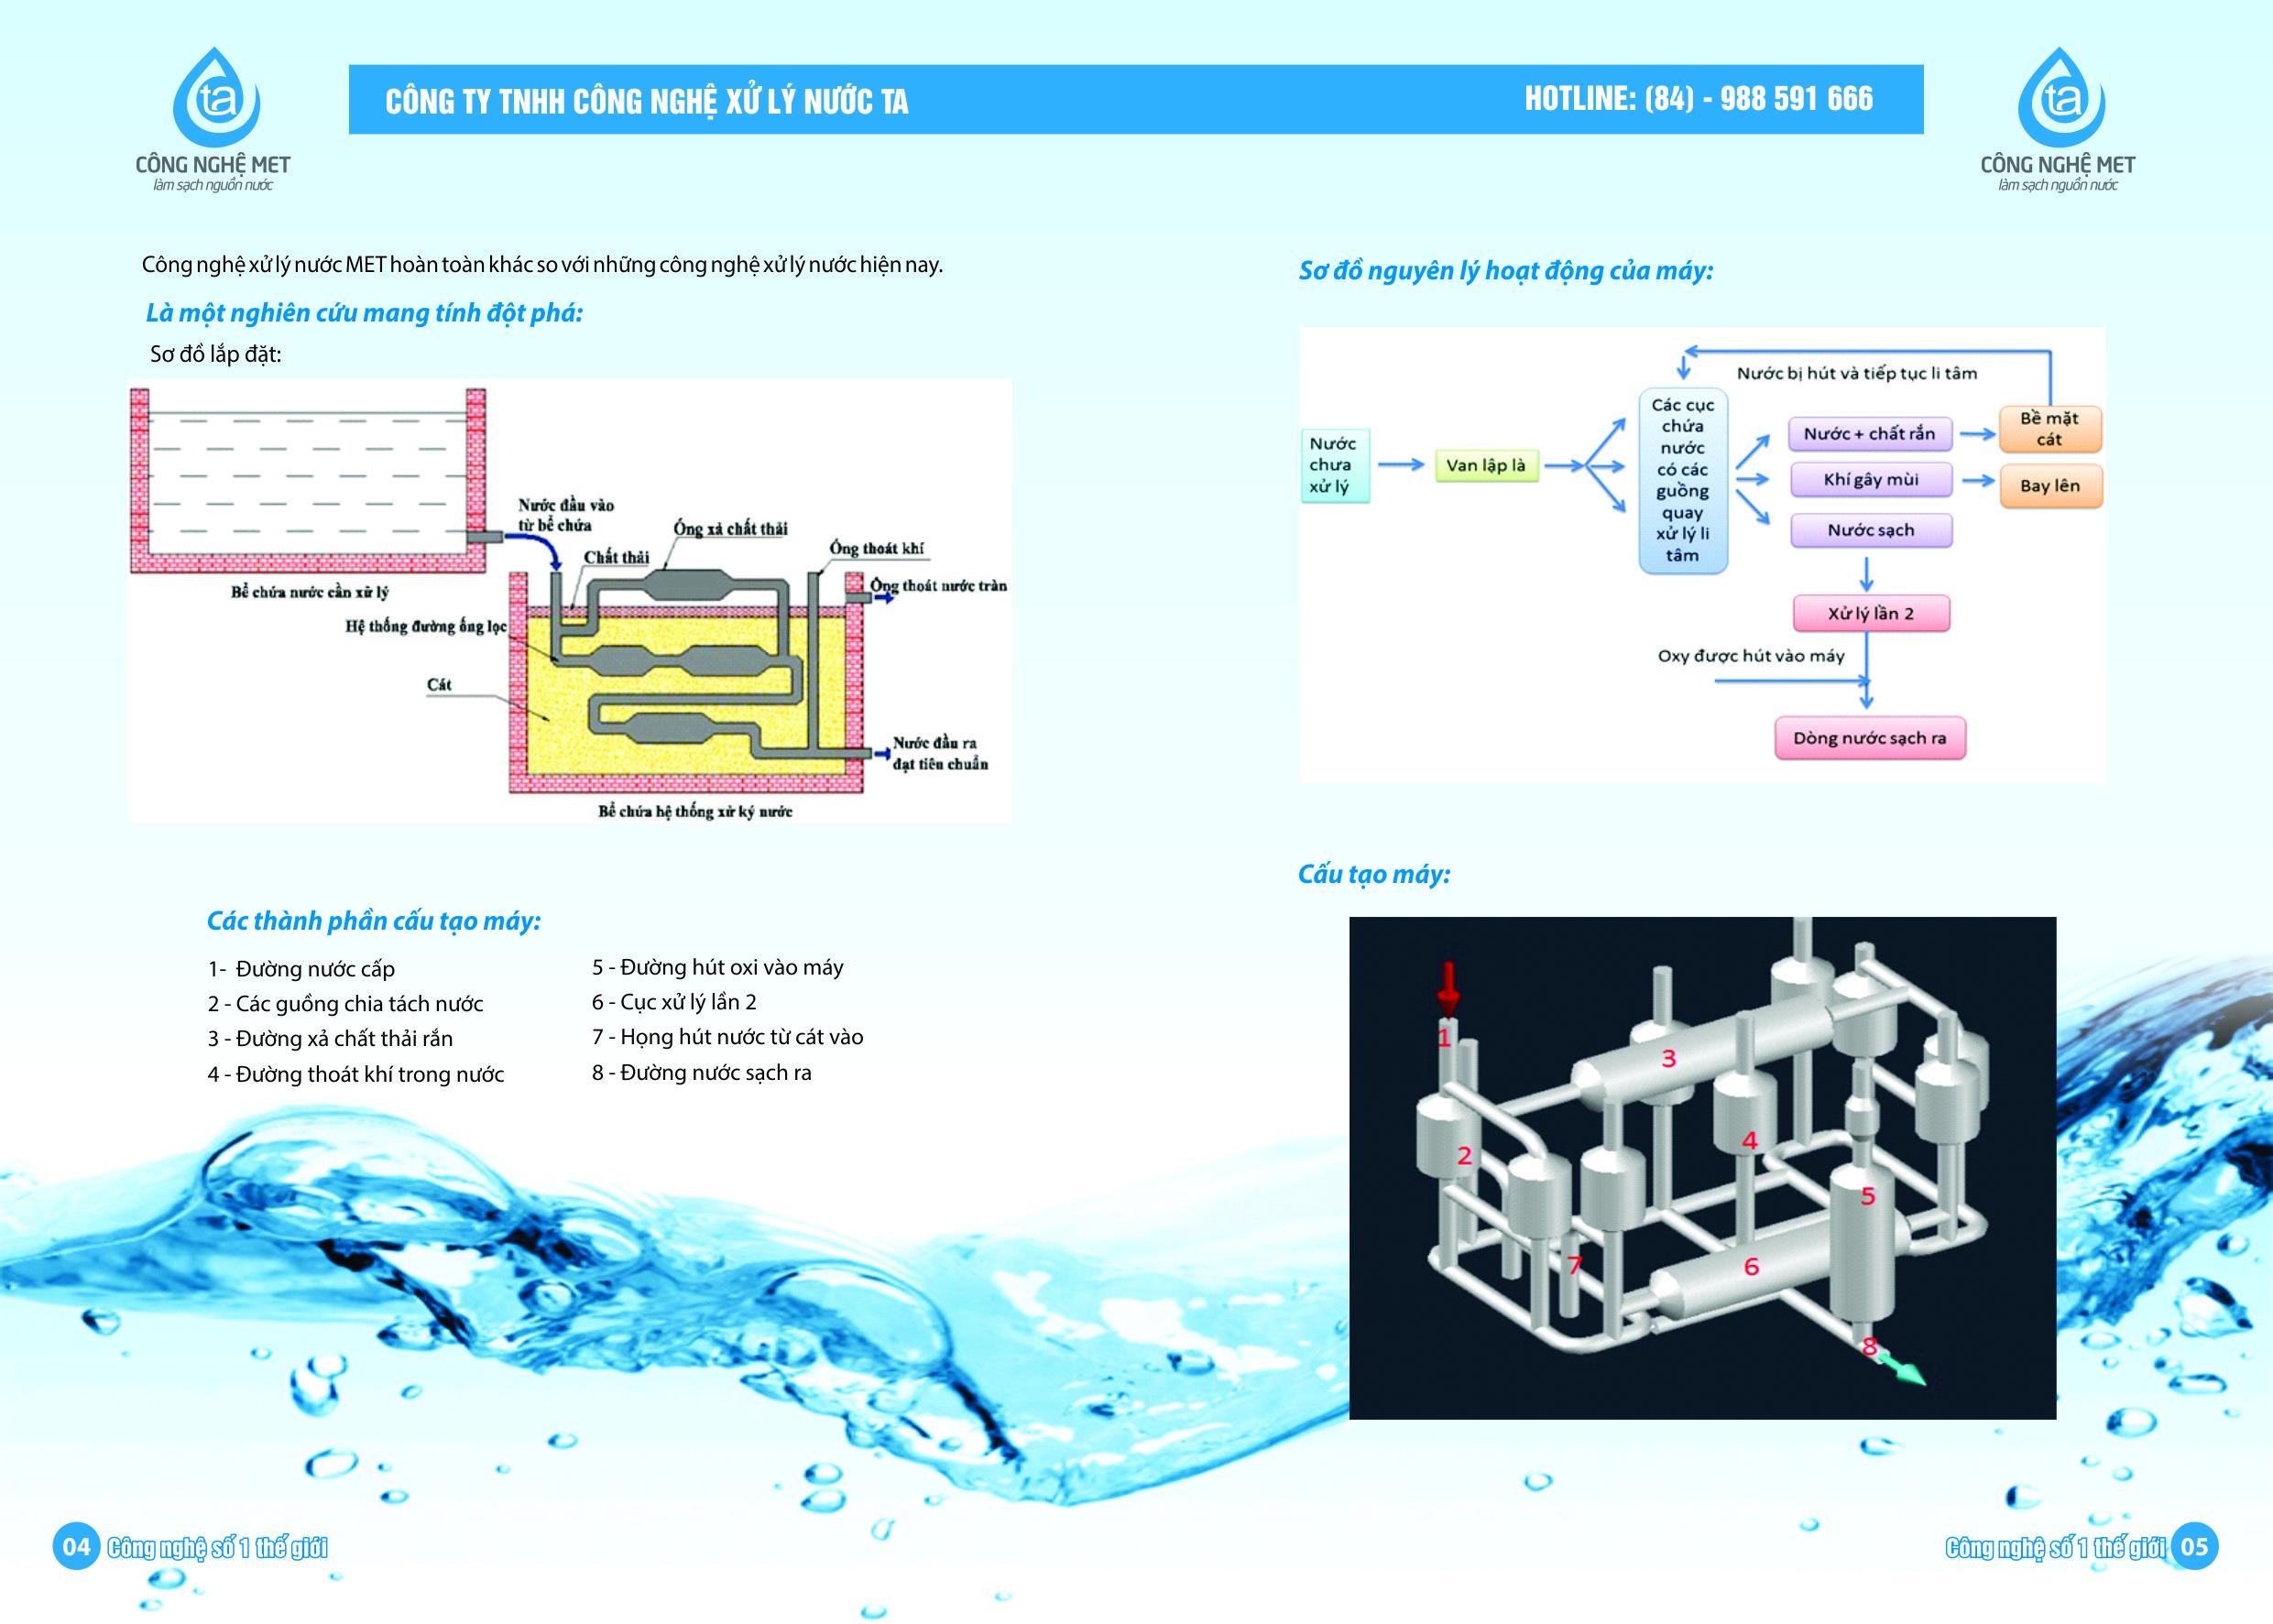 Xử lý nước thải thuốc bảo vệ thực vật